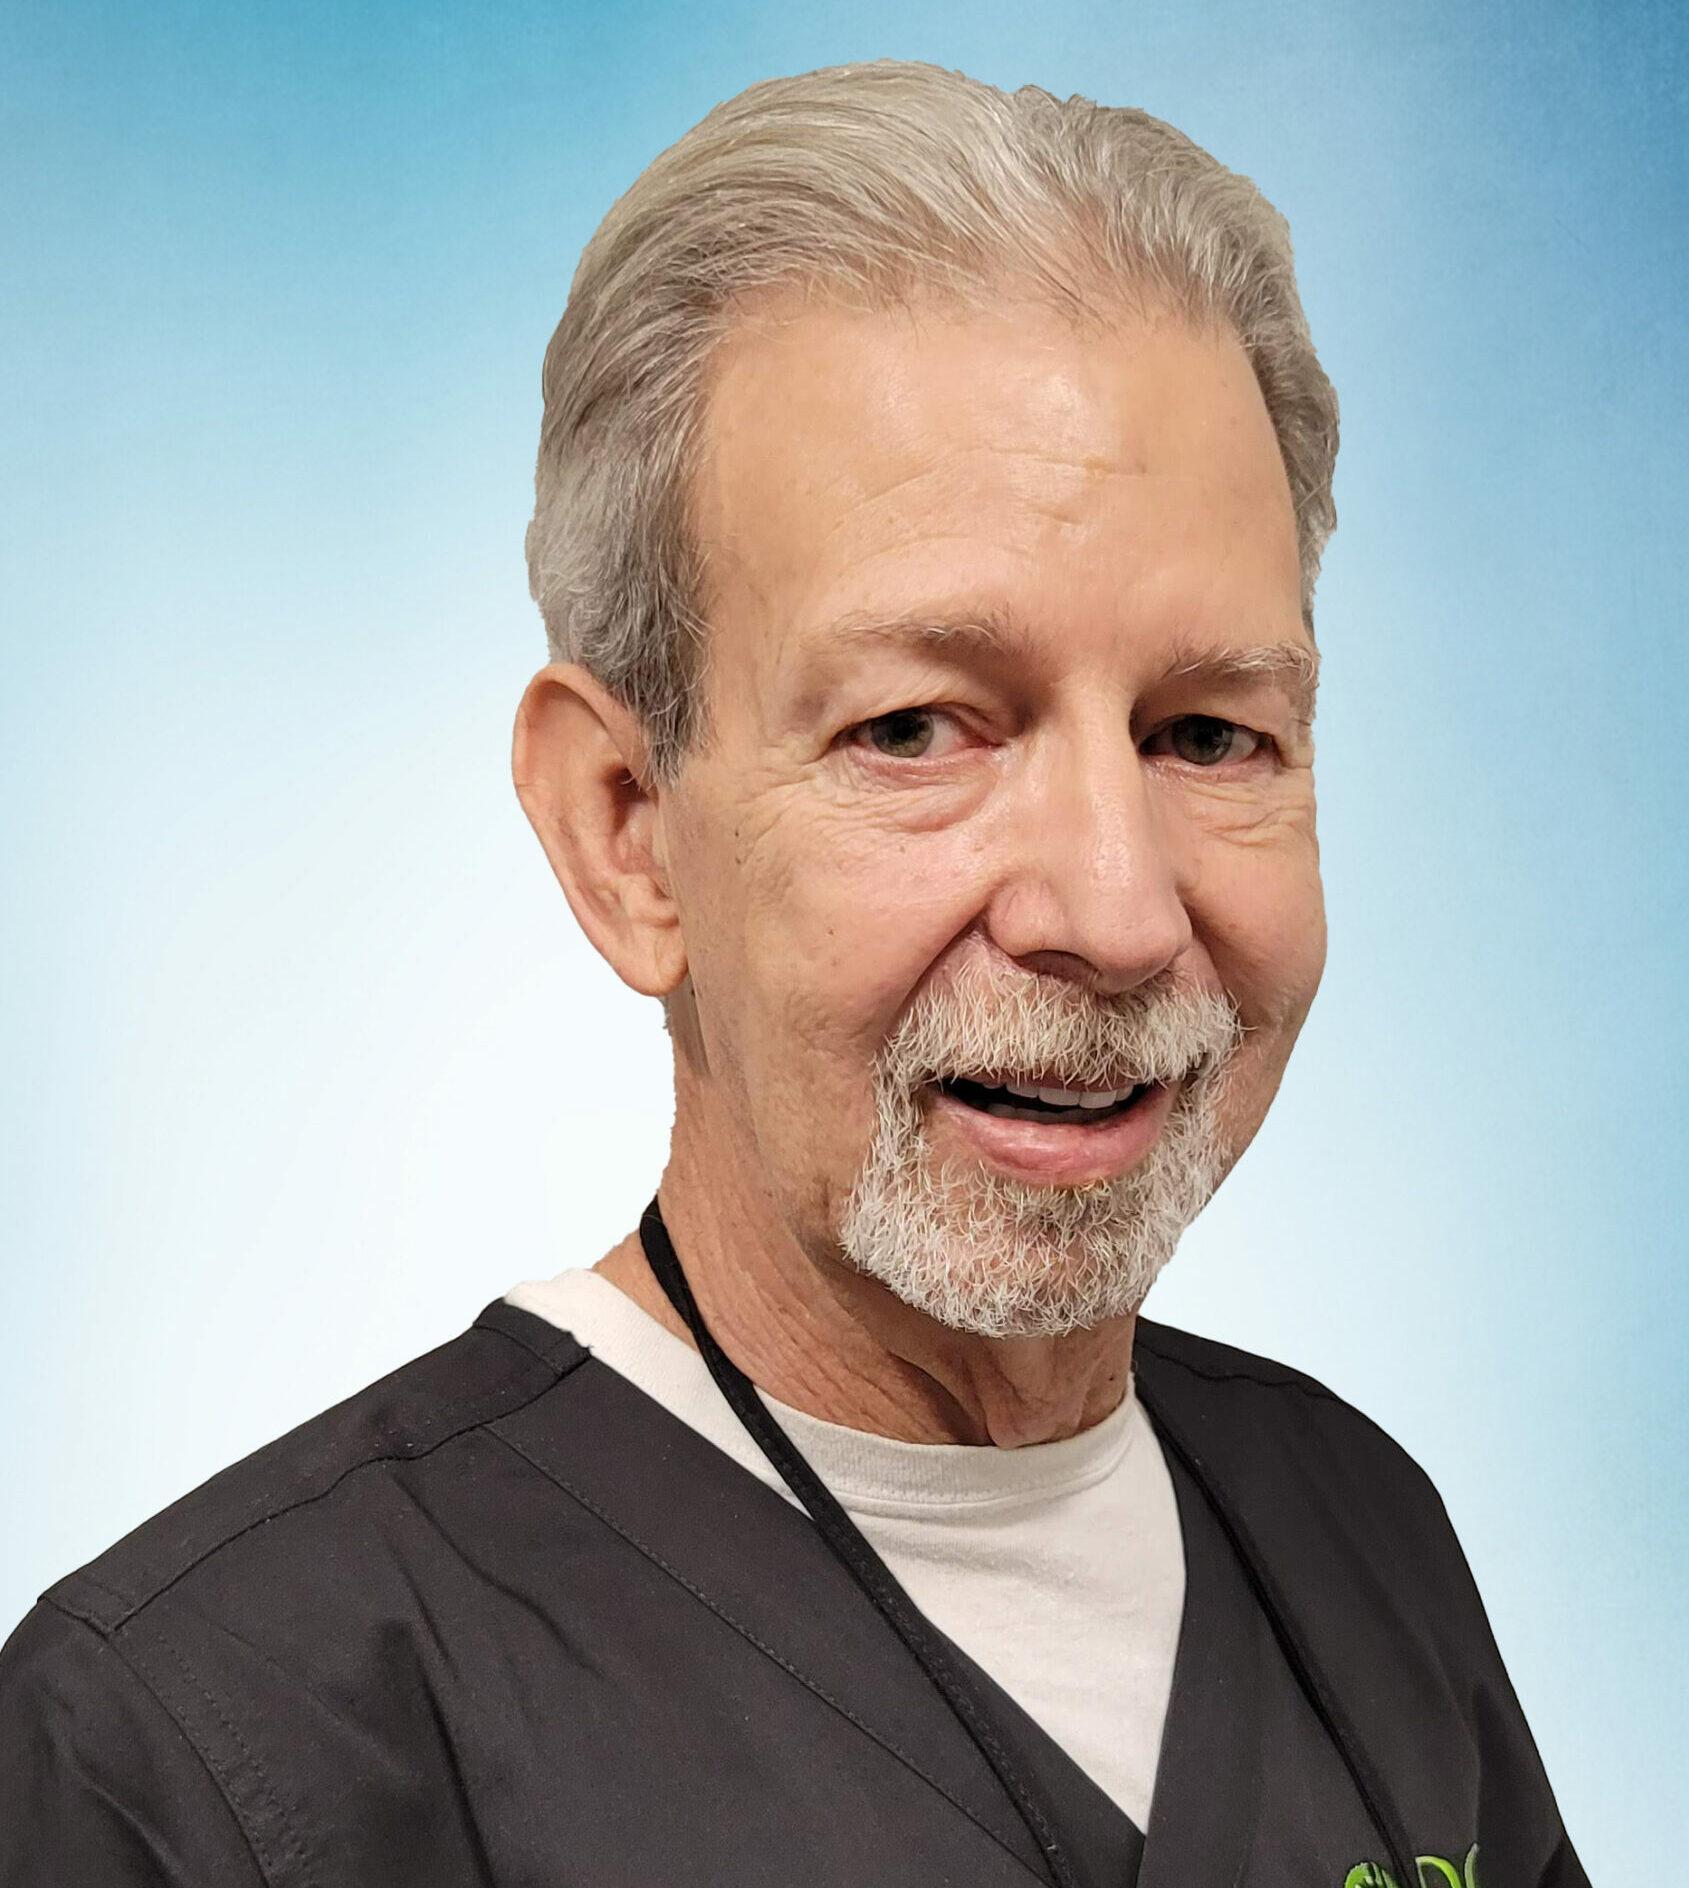 Headshot of Scott Rose, PA-C.